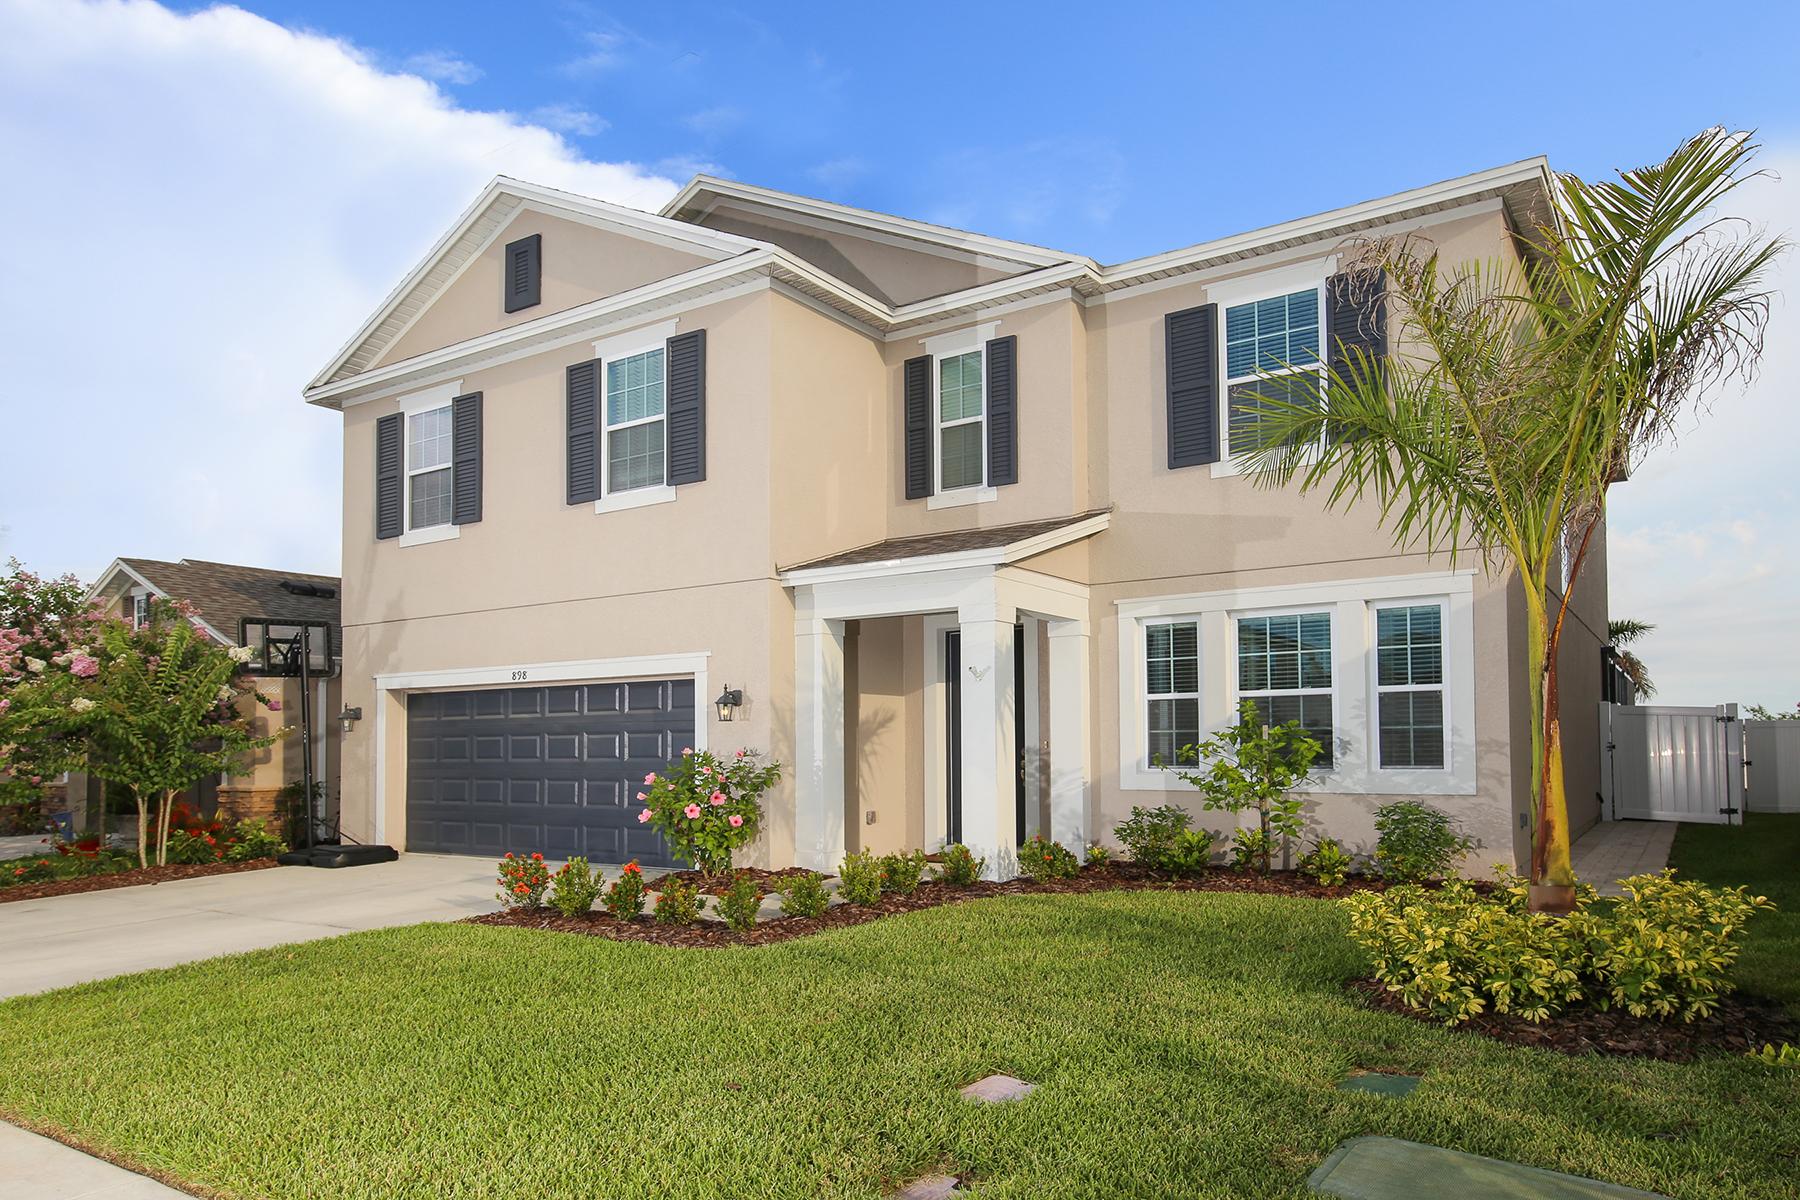 단독 가정 주택 용 매매 에 WHITAKER PARK OF SARASOTA 898 Molly Cir Sarasota, 플로리다, 34232 미국